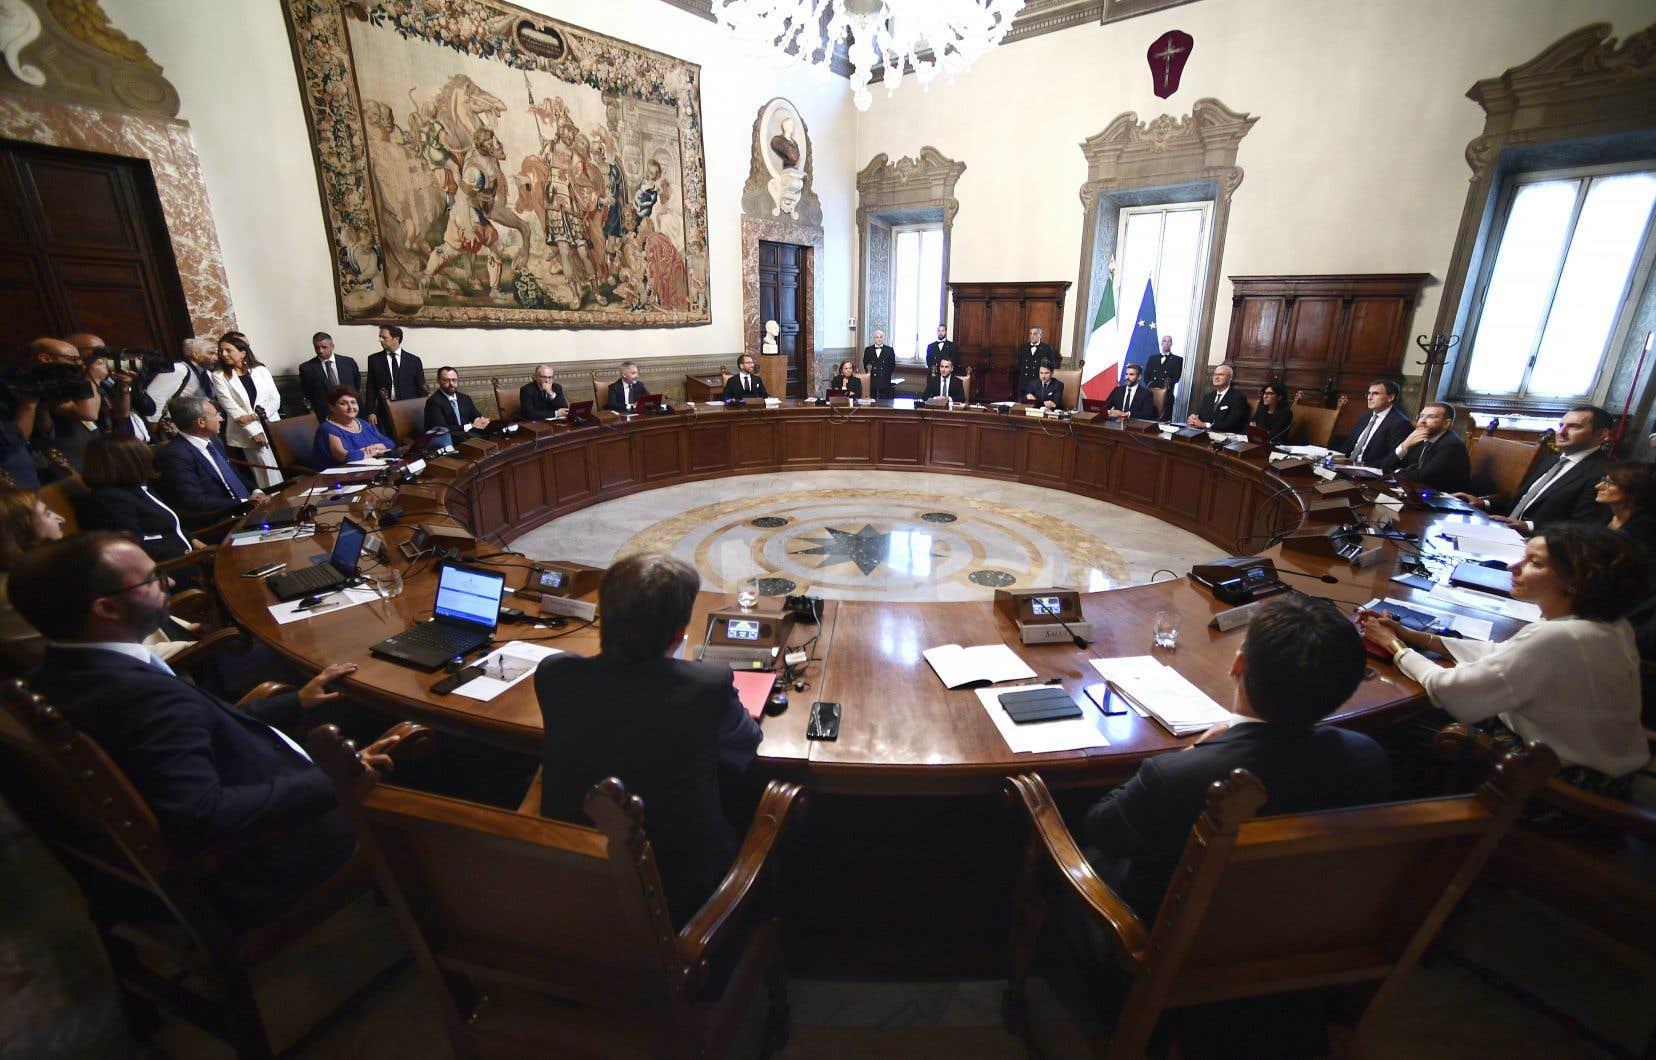 Le premier ministre italien, Giuseppe Conte, présidant la première réunion du nouveau cabinet, le 5 septembre 2019, au Palazzo Chigi à Rome.